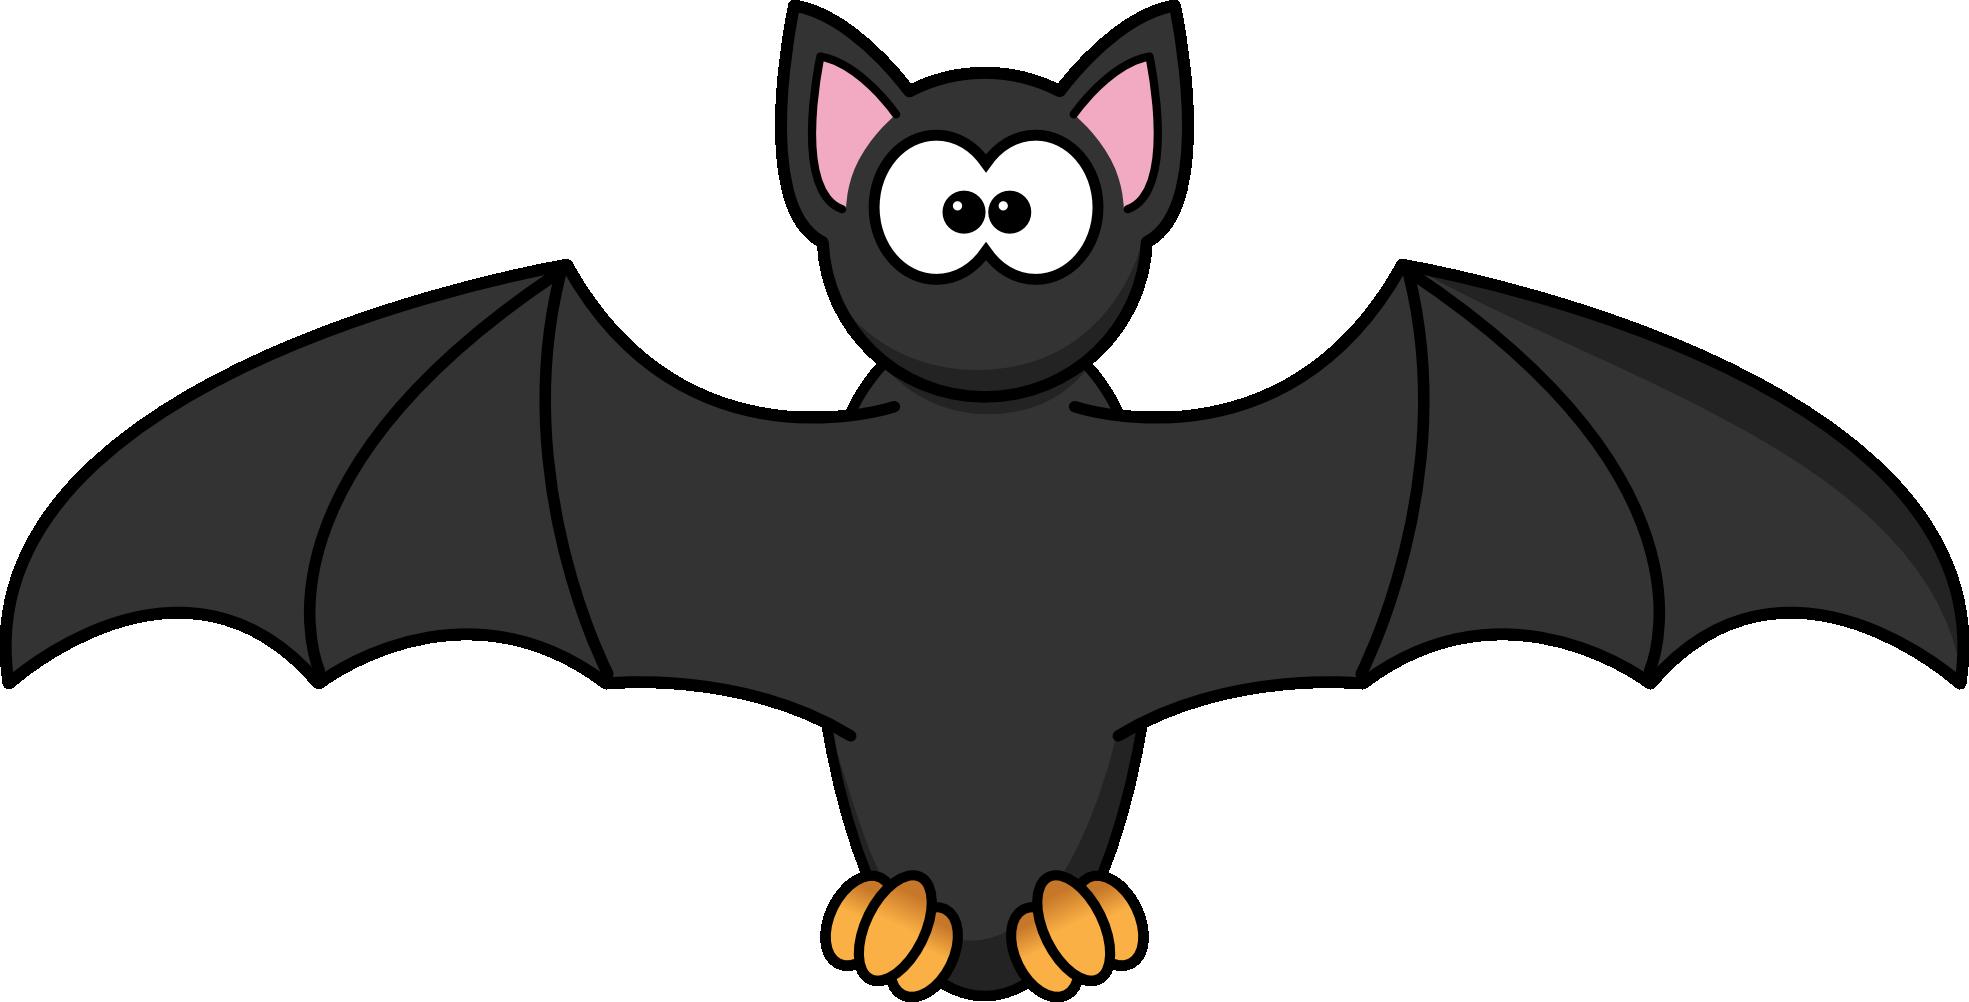 Clipart Bat